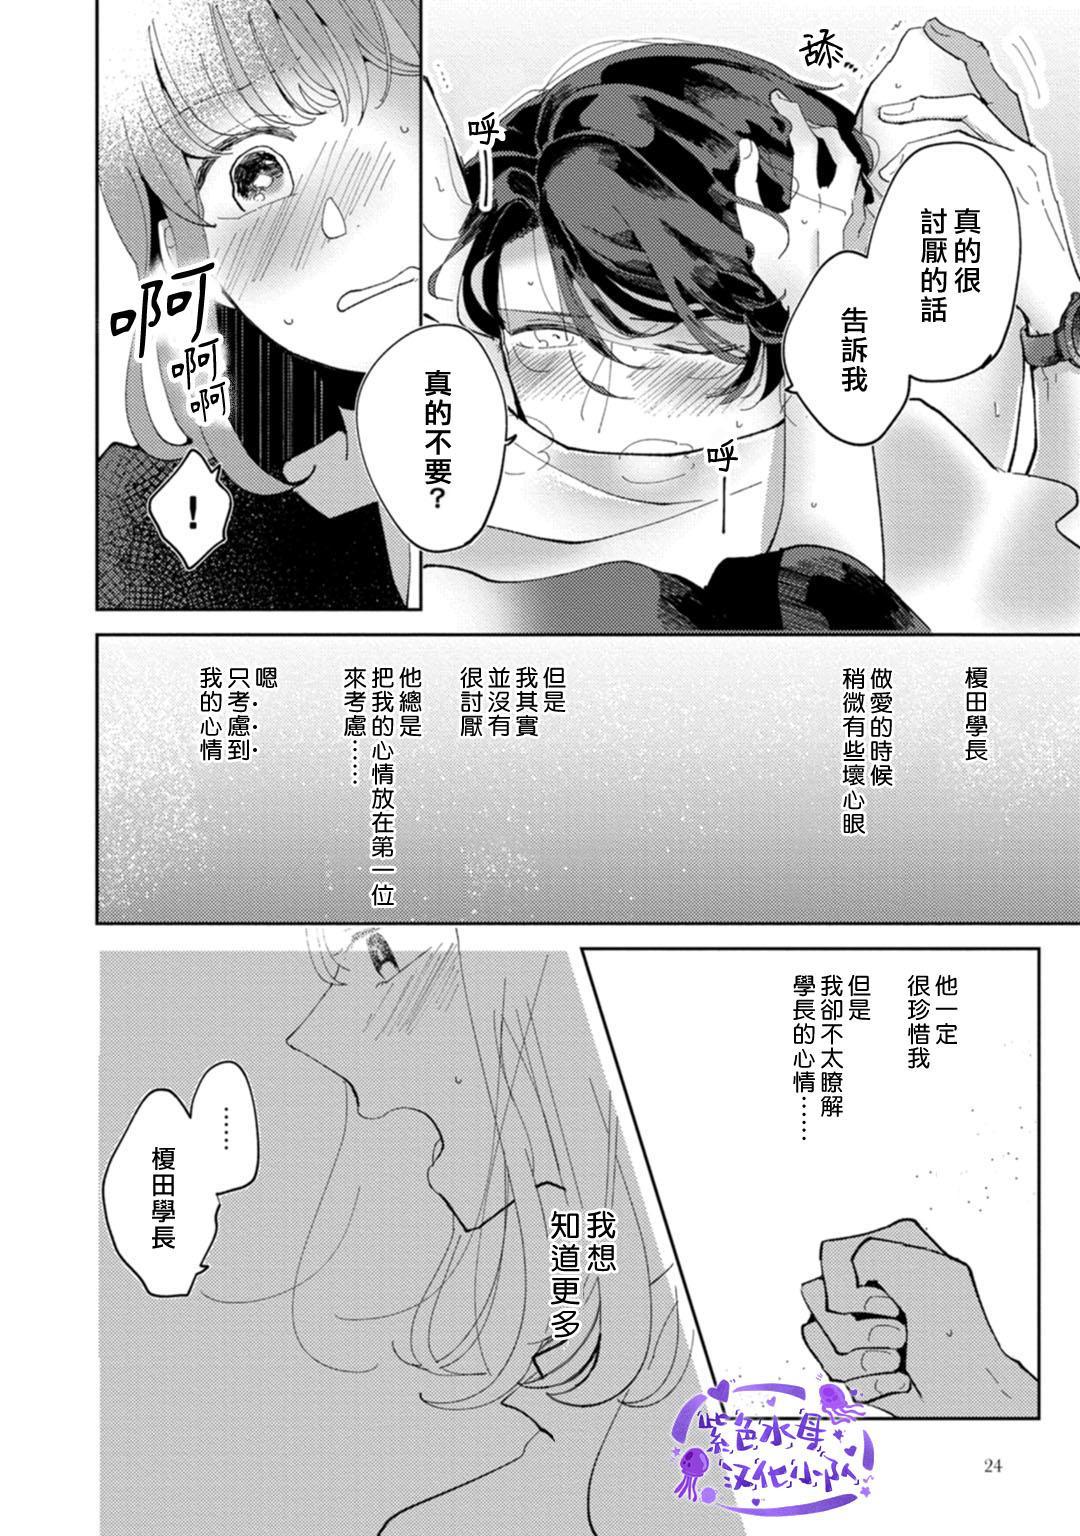 Watashiha Okazusenpai ni Taberaretai 22